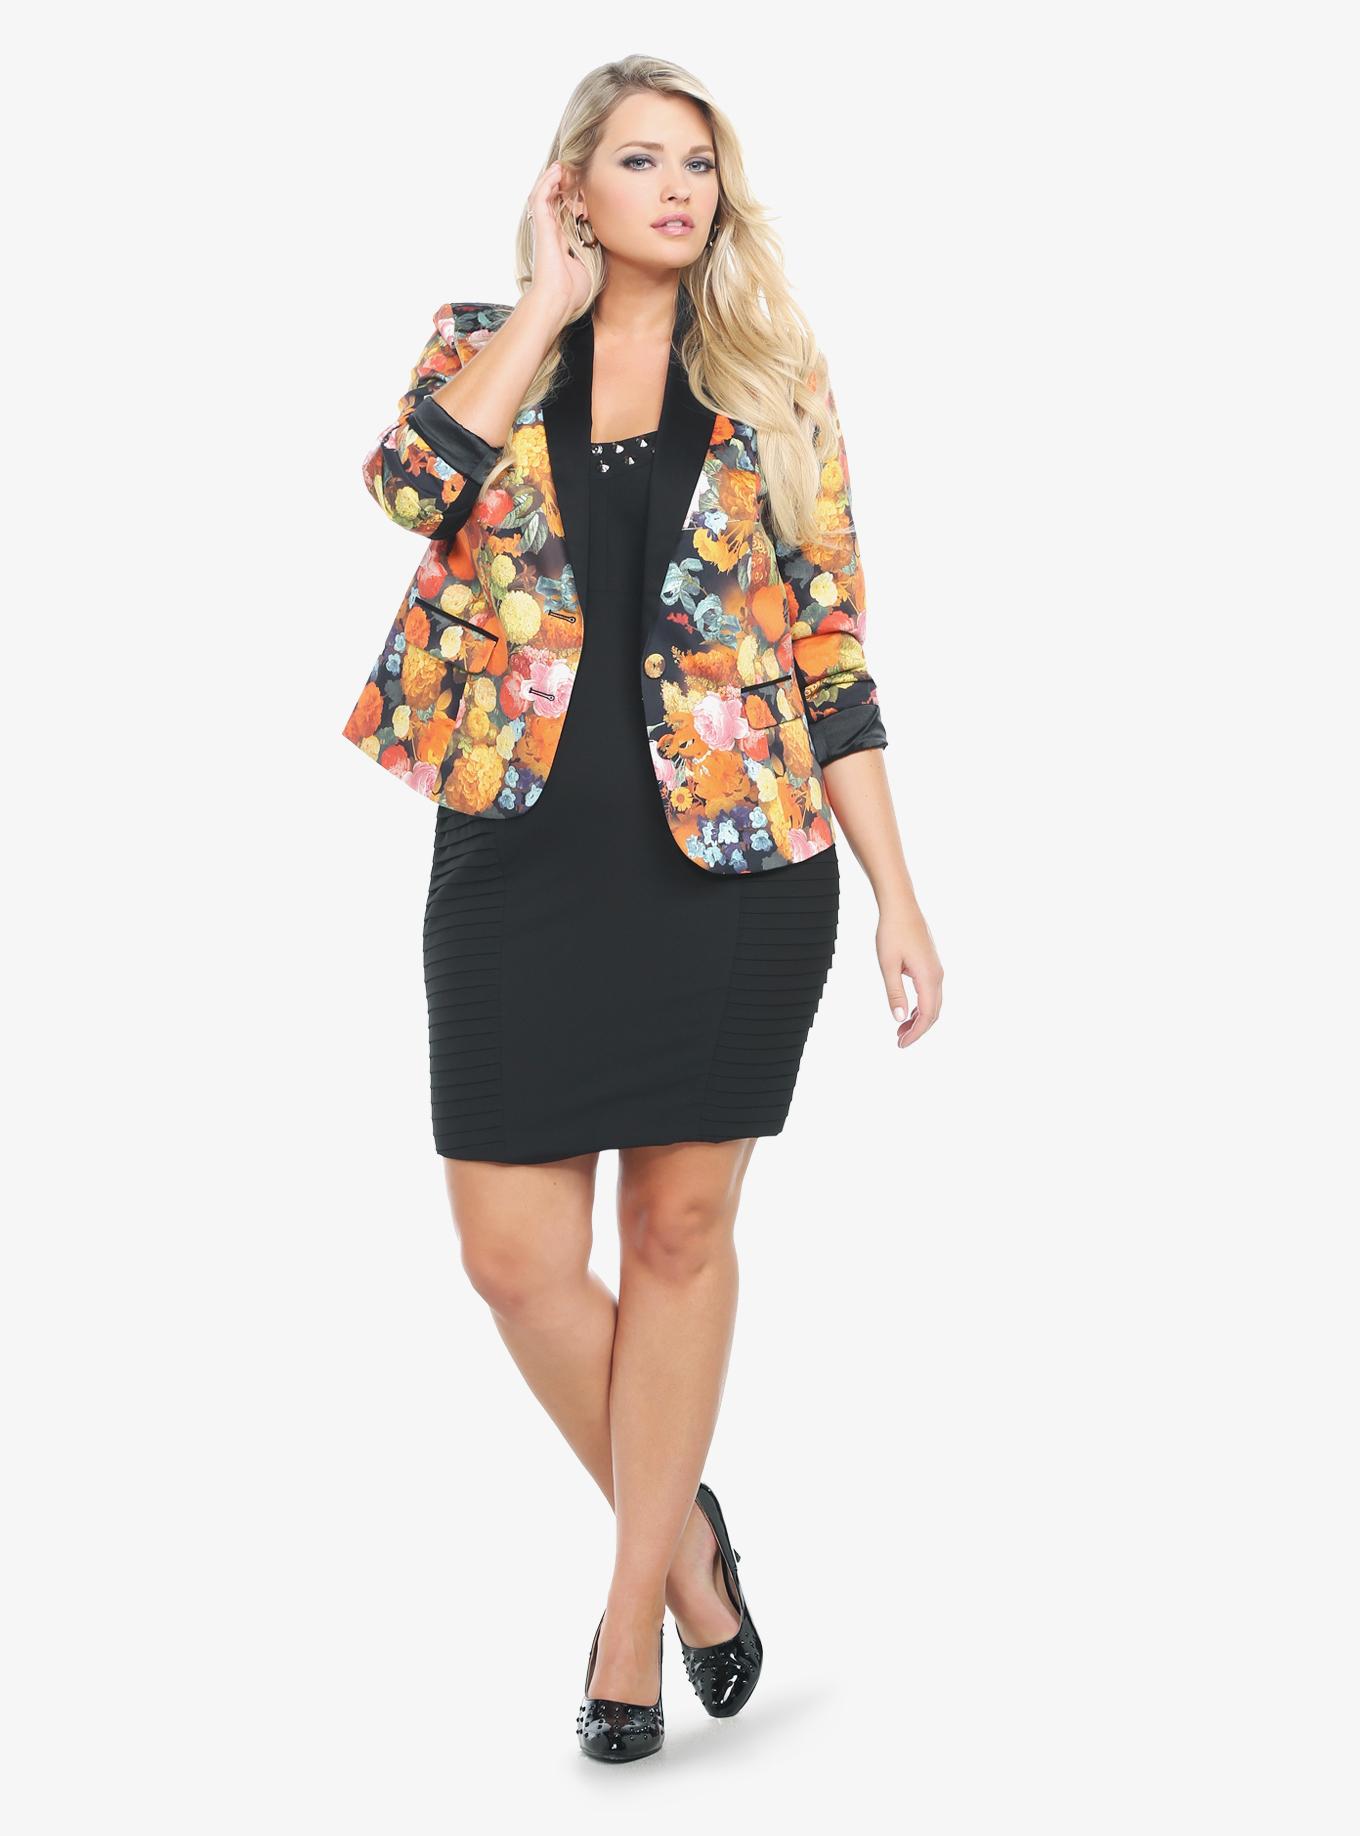 На фото: одежда для полных женщин: пиджак до середины бёдер с юбкой-карандаш.